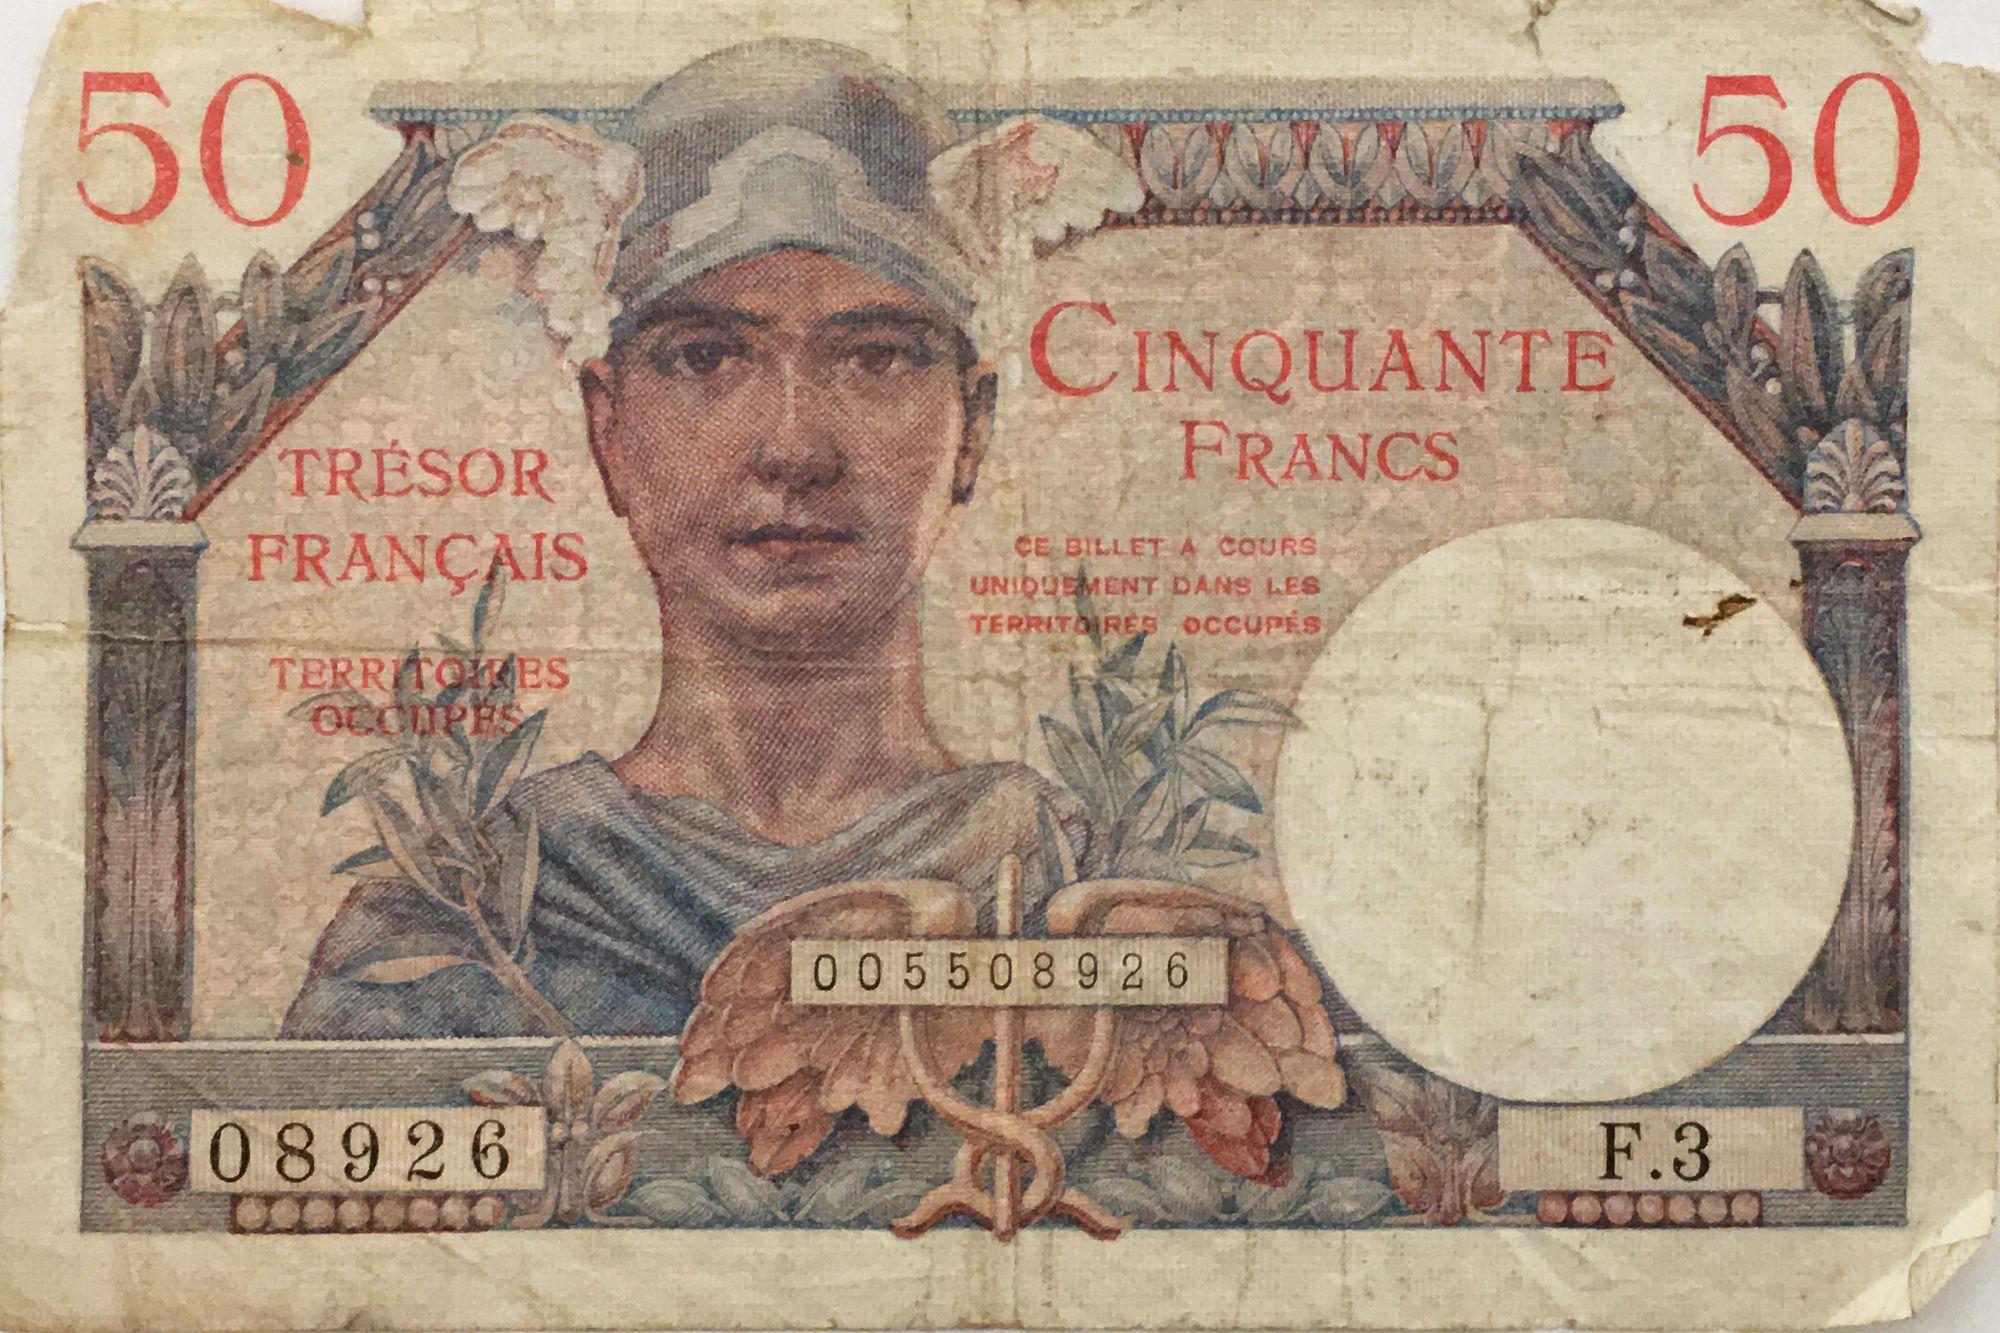 France 50 Francs Mercure, Trésor Français - 1947 - Série F.3 - PTB